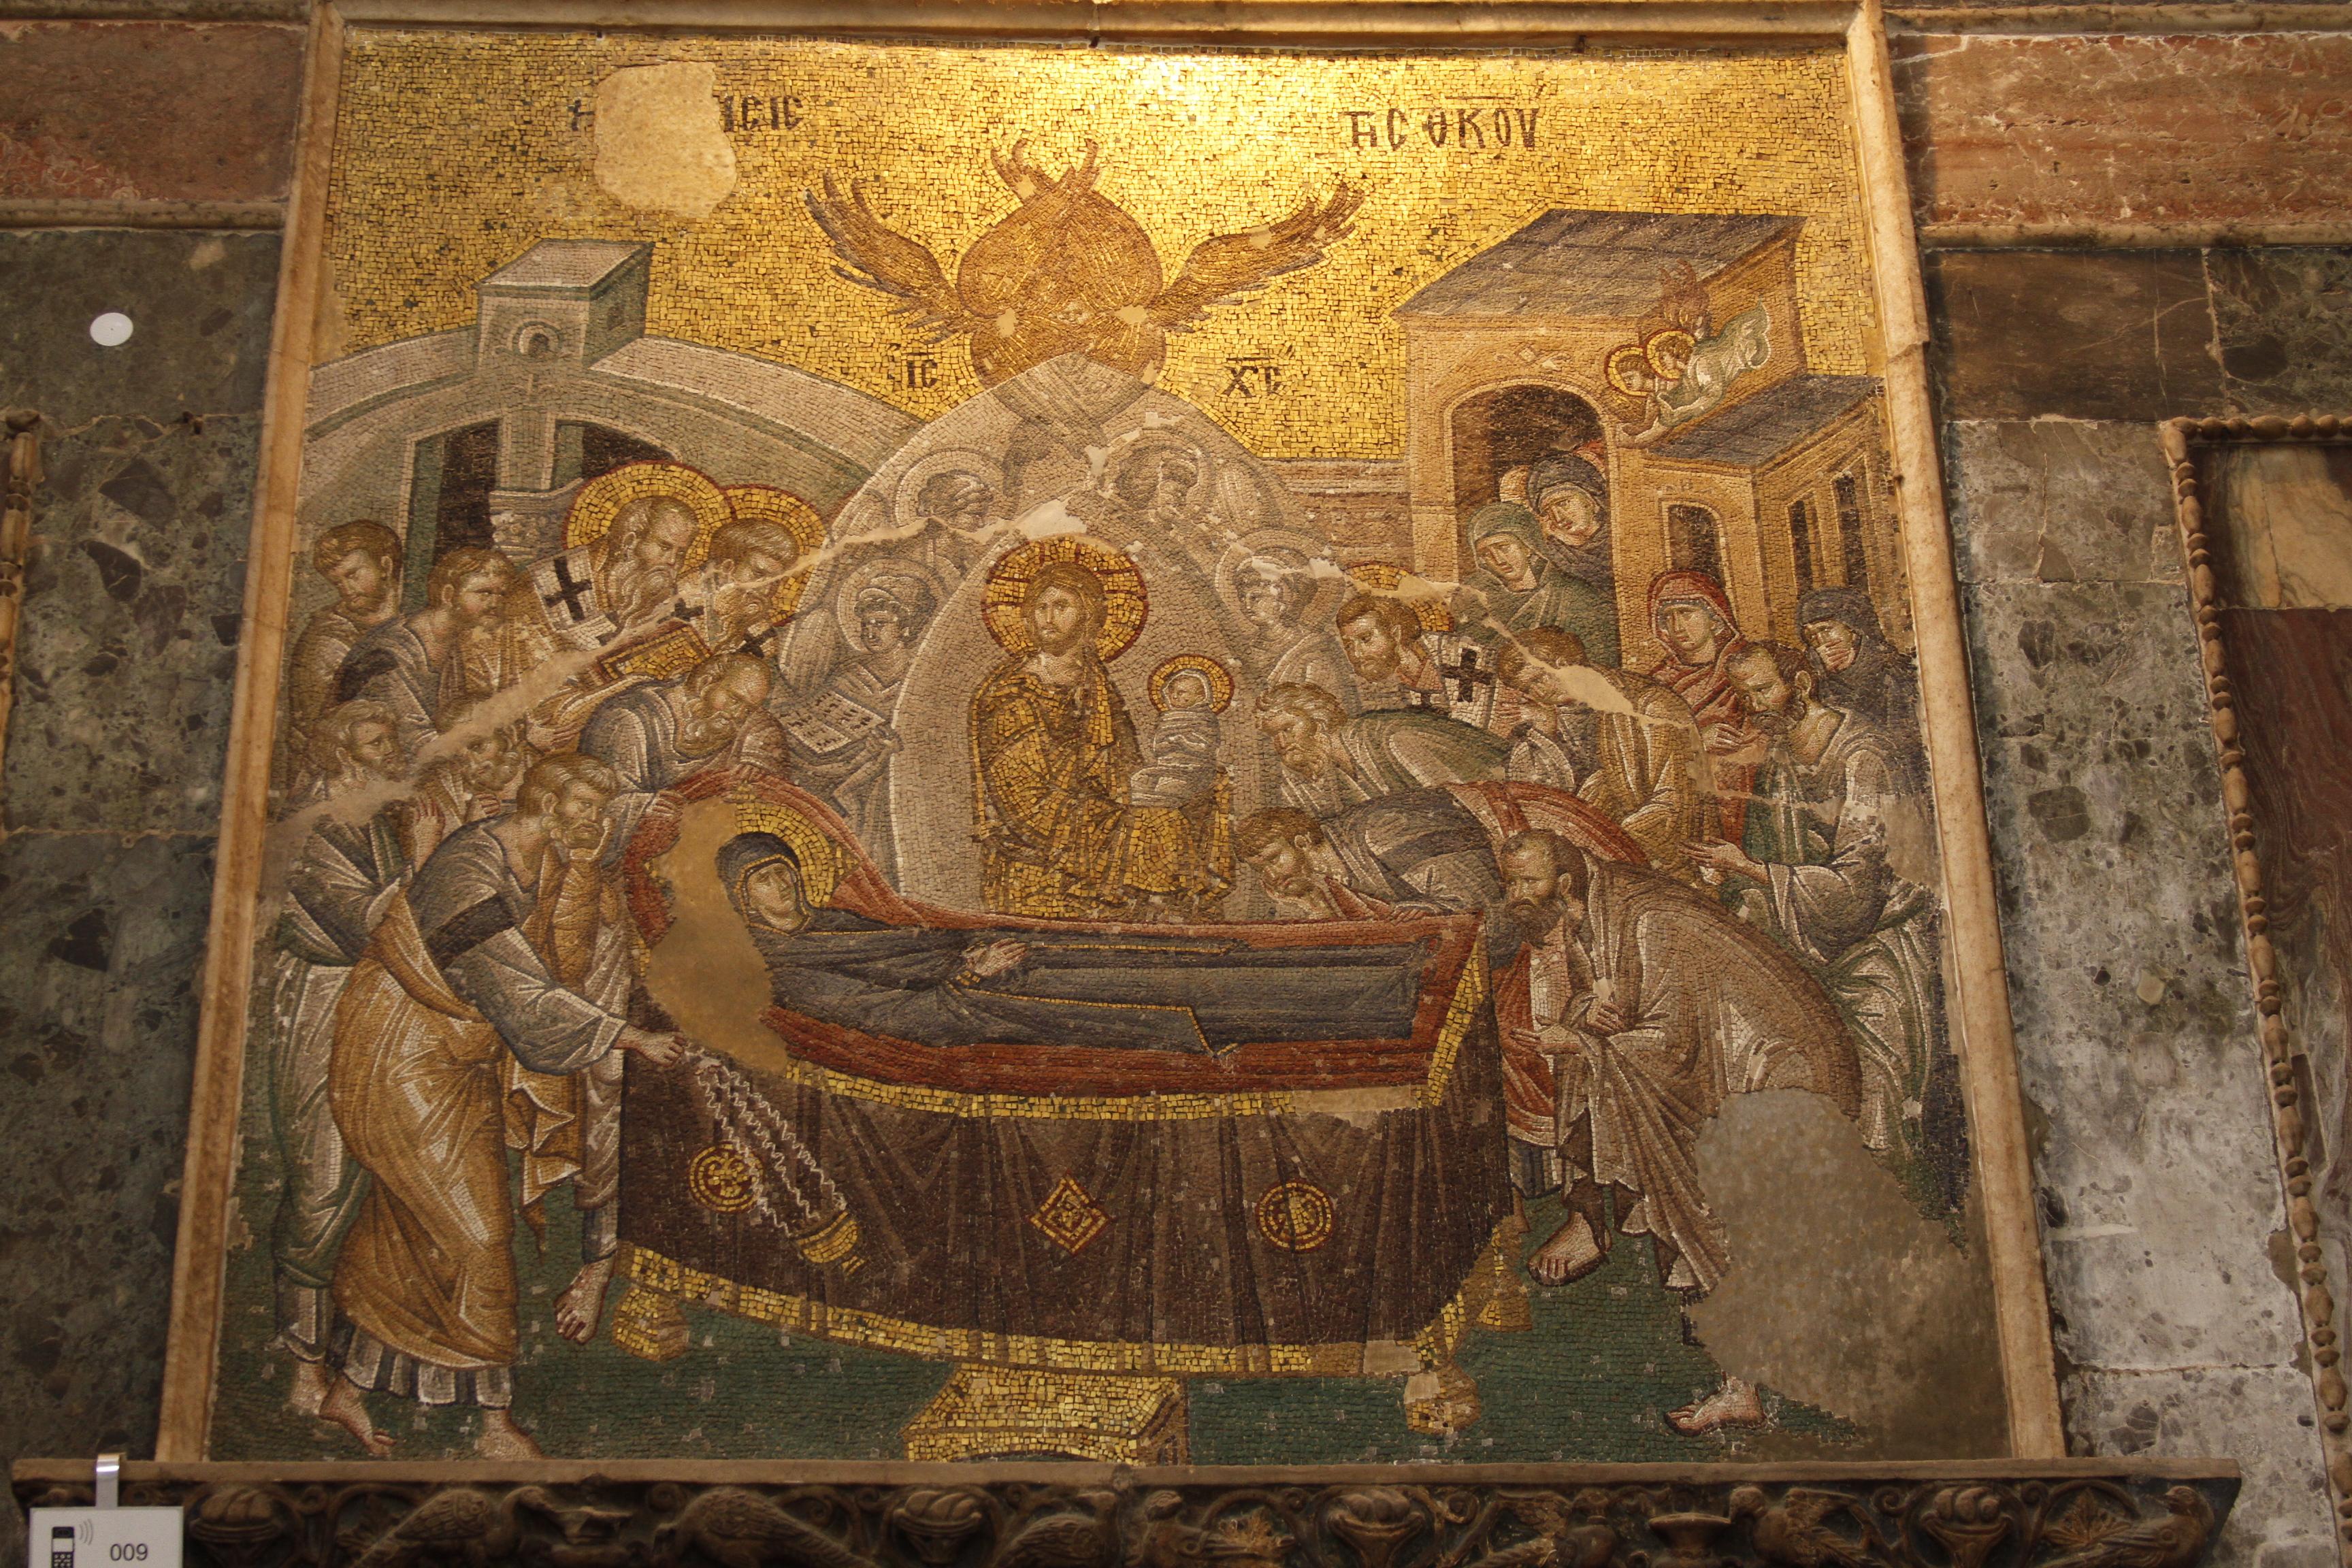 Chora Museum Mosaics File:koimesis Mosaic at Chora